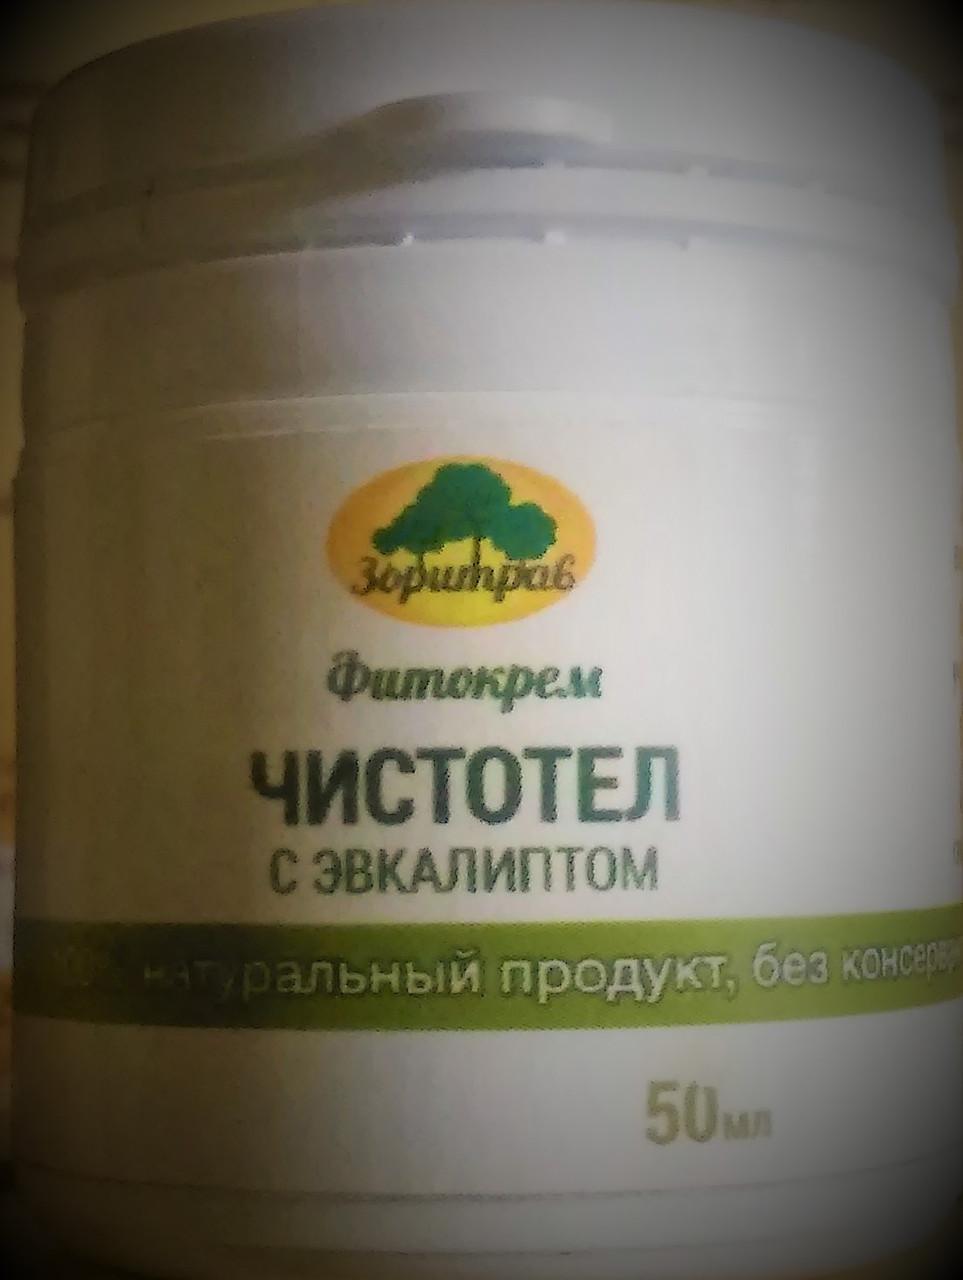 Фитокрем Чистотел с эвкалиптом, Зори трав, 50мл